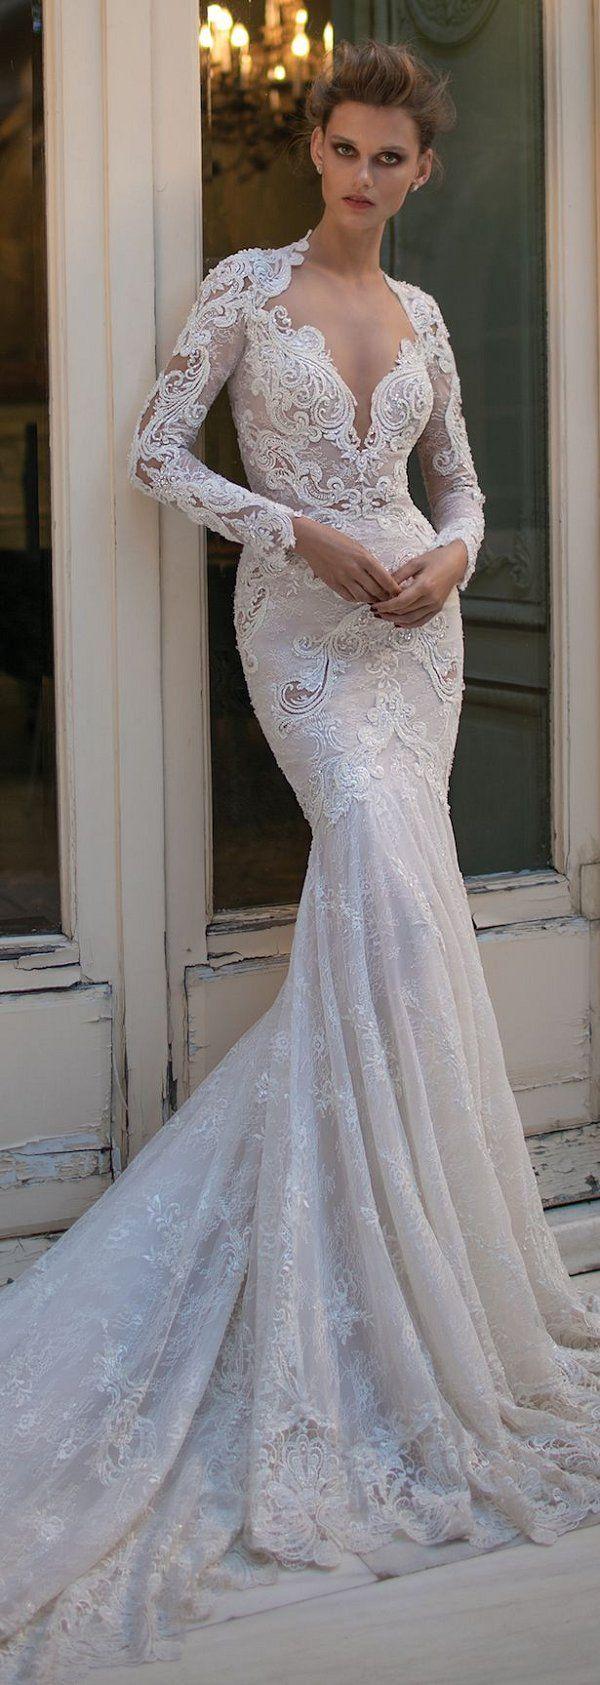 Berta Spring 2016 Vintage Wedding Dress with Long Sleeves